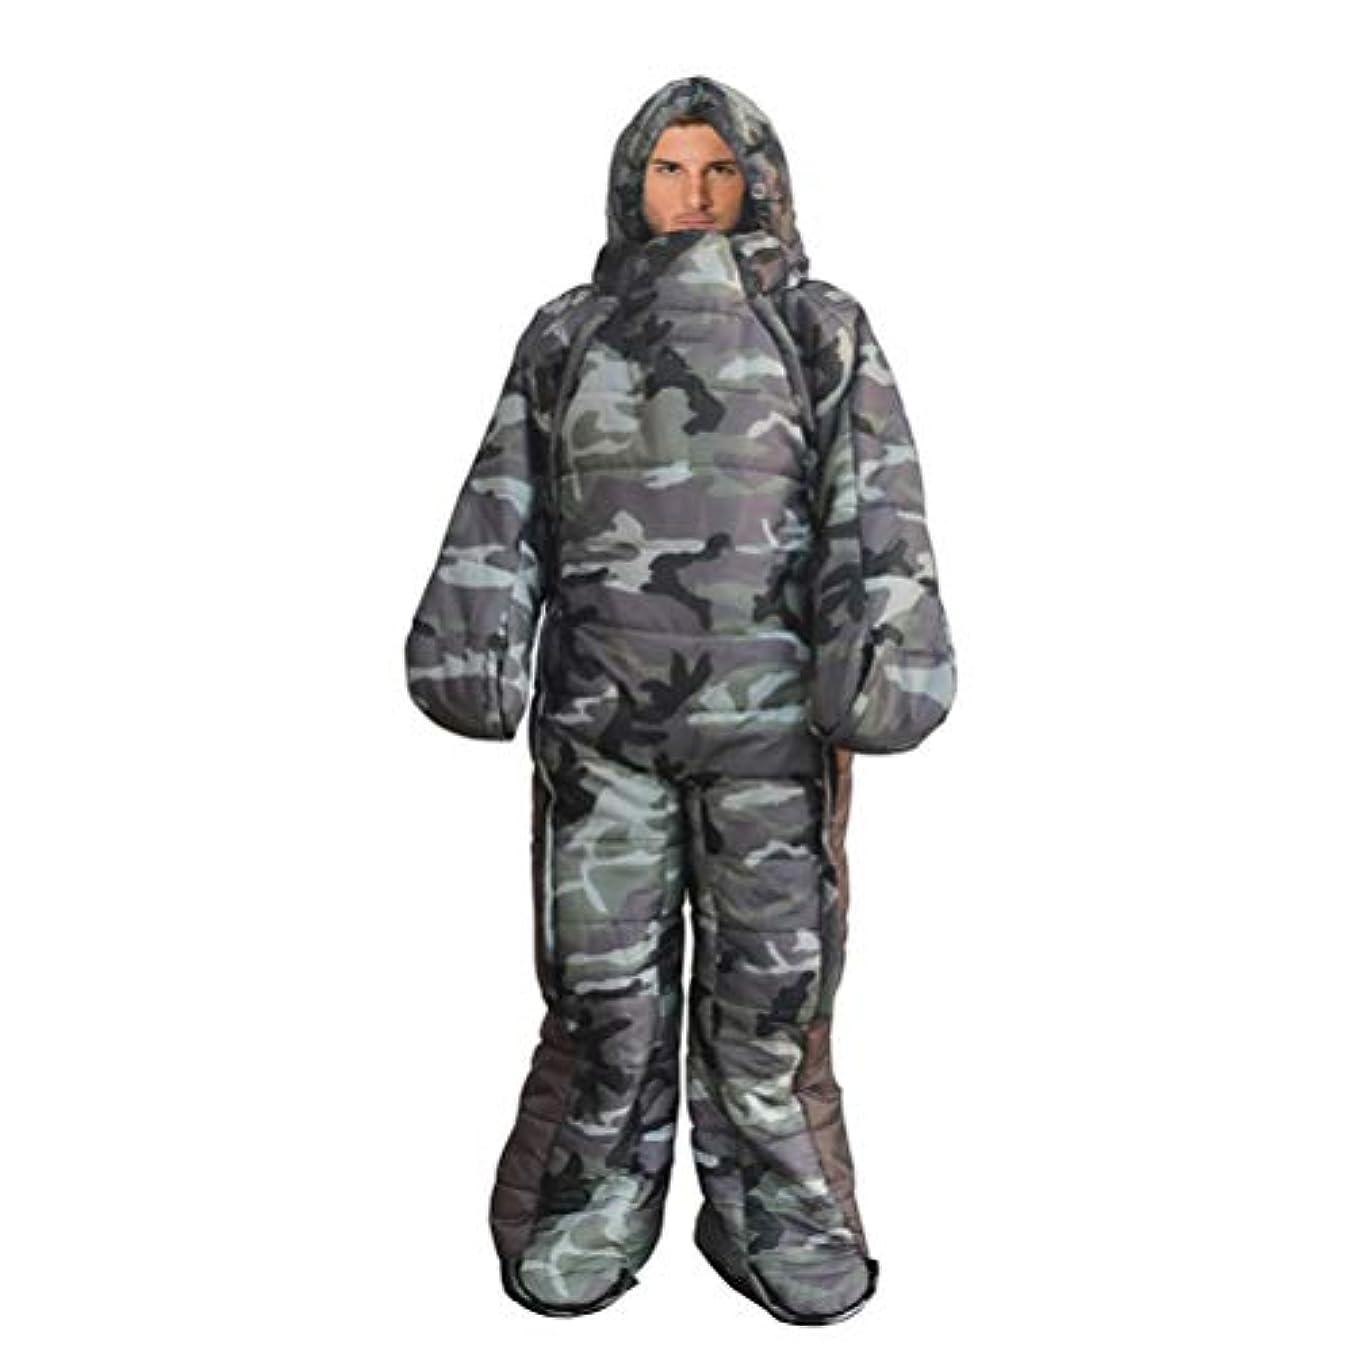 意義流出降伏大人のキャンプ用ウェアラブル寝袋用ジャケット、長袖、暖かい防水防風寝袋用キャンプ、ハイキング、アウトドア、圧縮袋付き